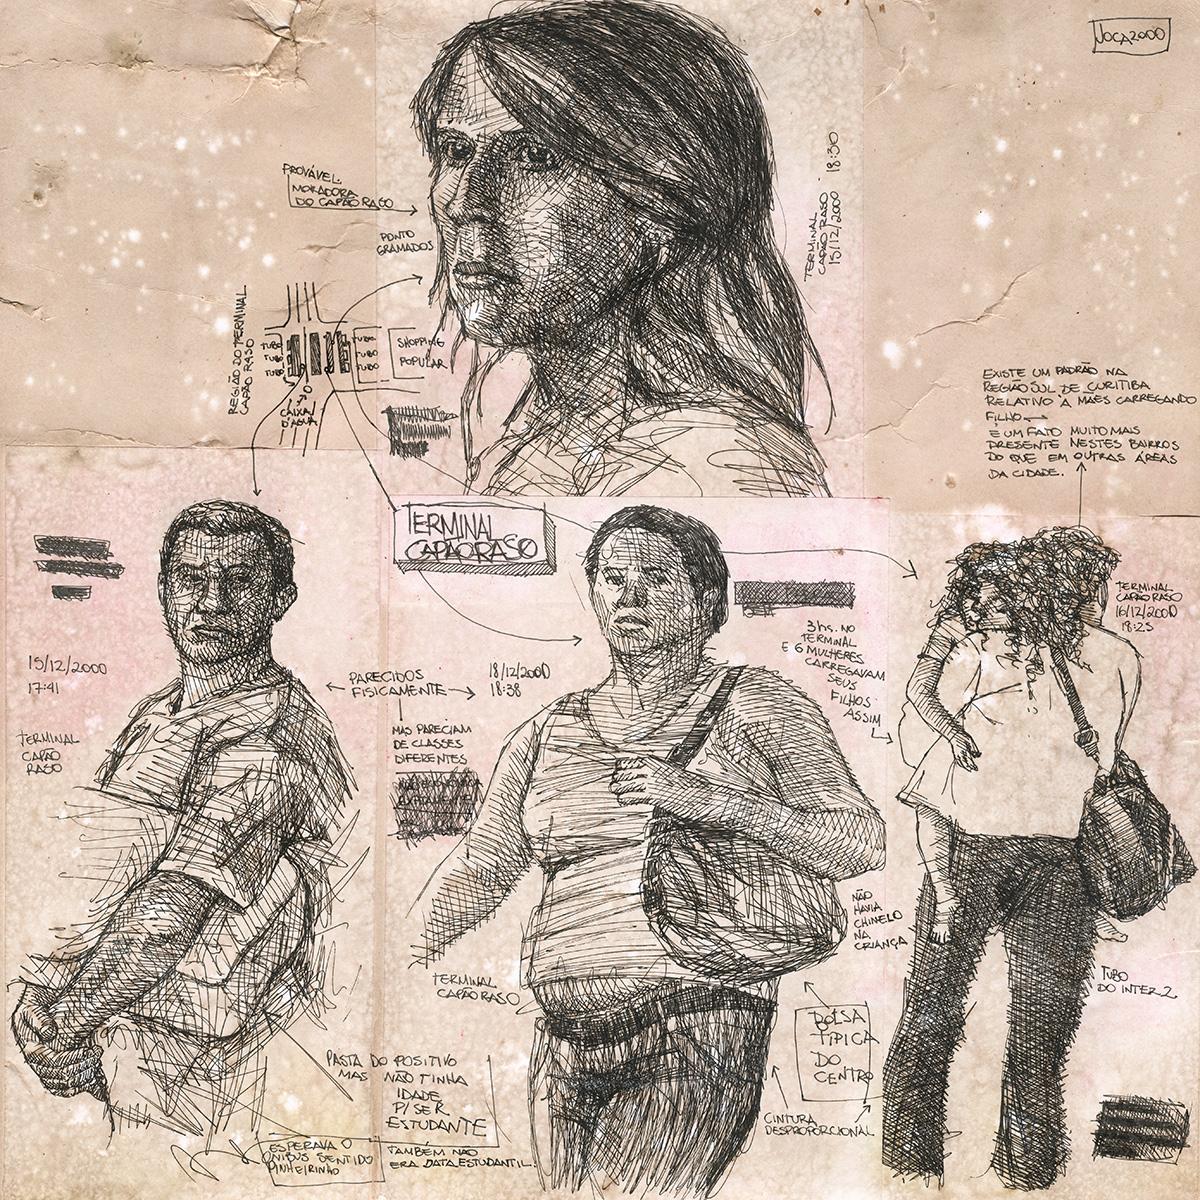 Desenho atribuído a Joaquim de Souza - Fase 2 - 2000.12.18_(18.38)